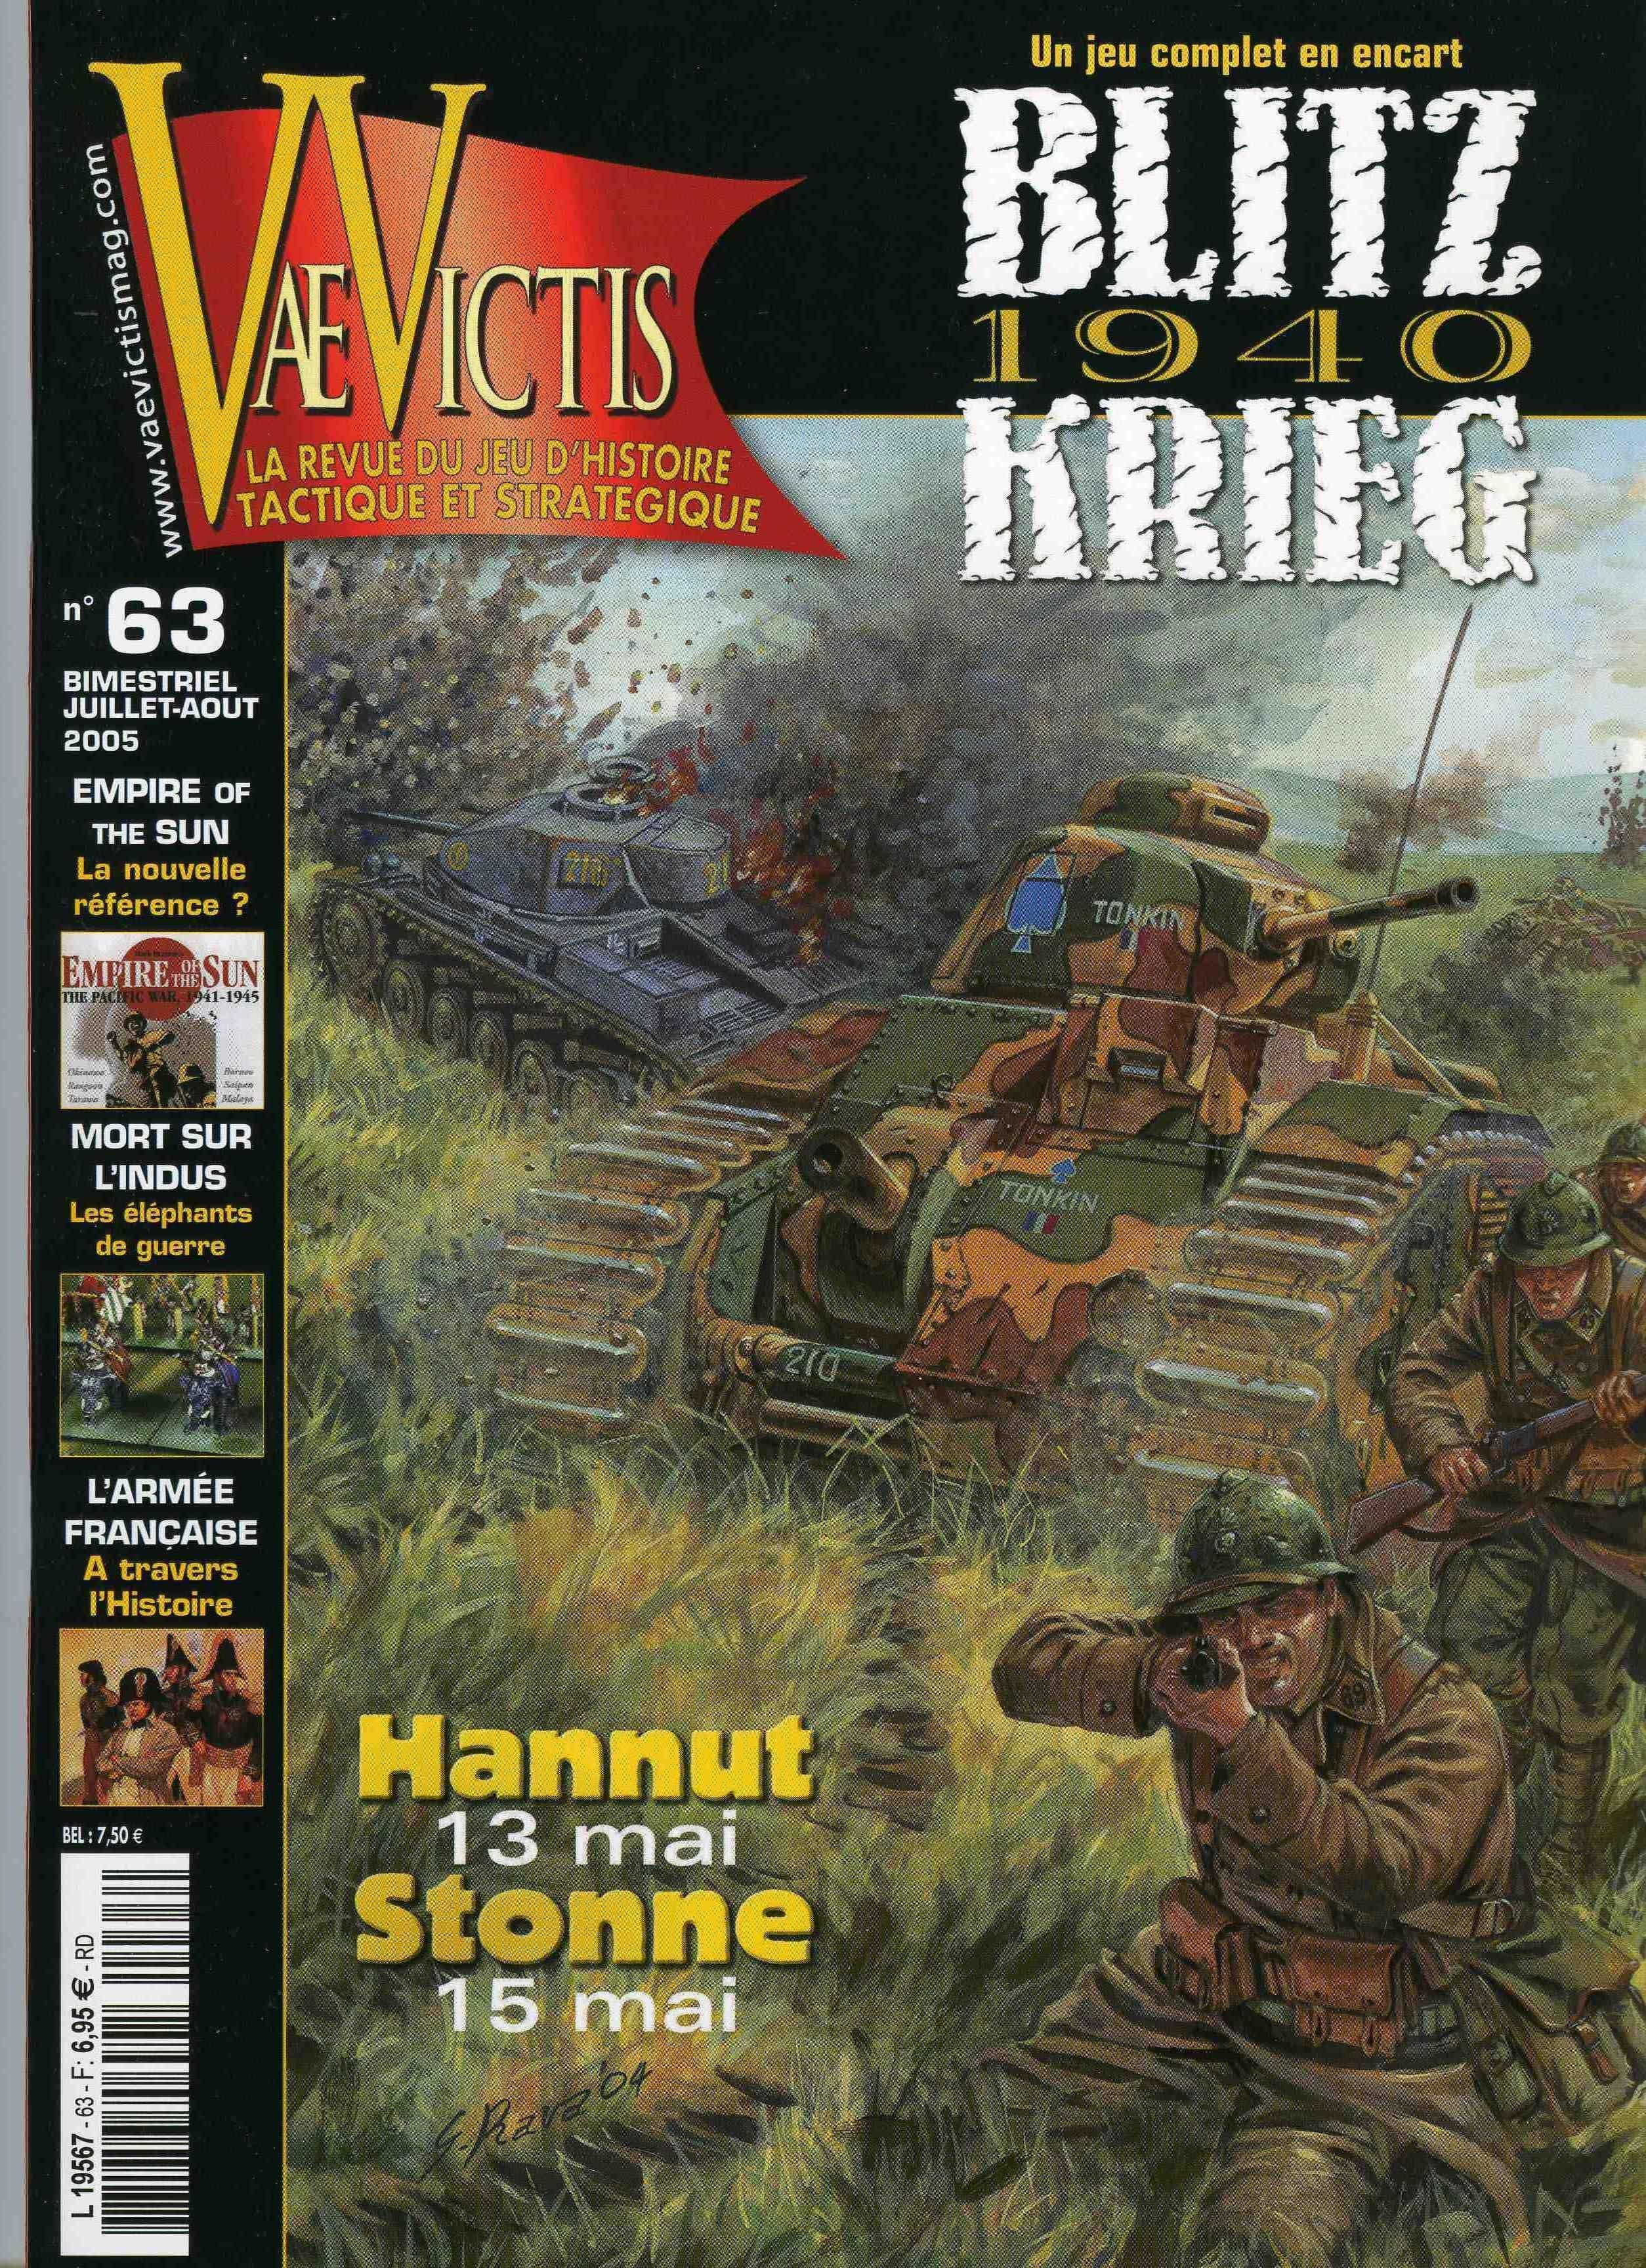 Blitzkrieg 1940: Hannut et Stonne